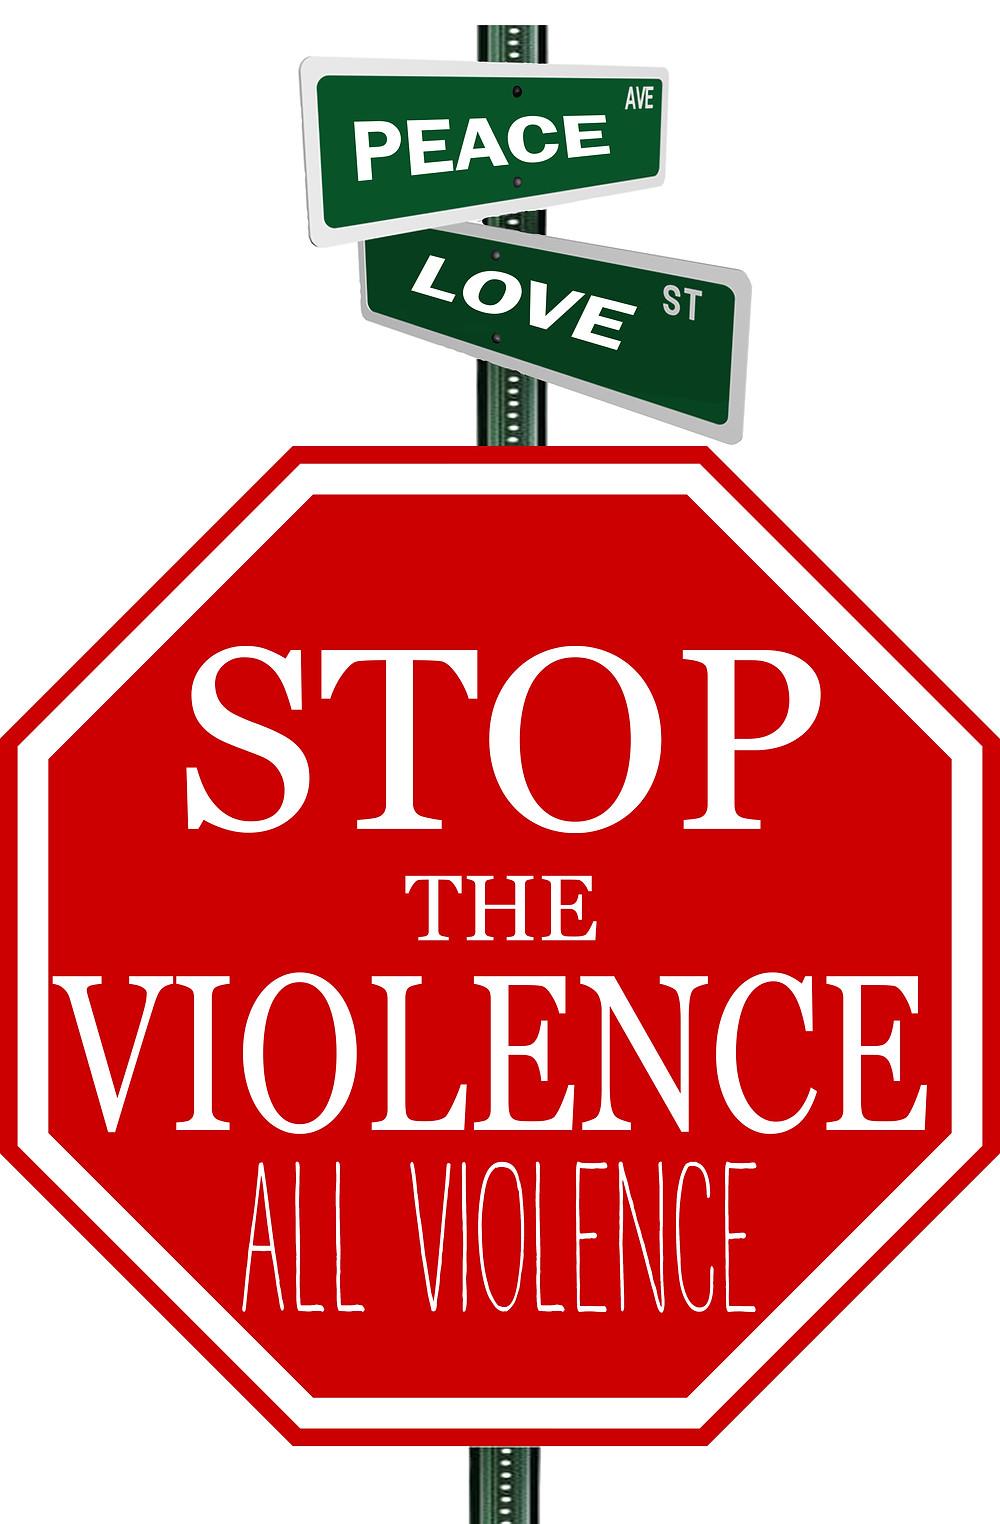 stop_violence-copy.jpg